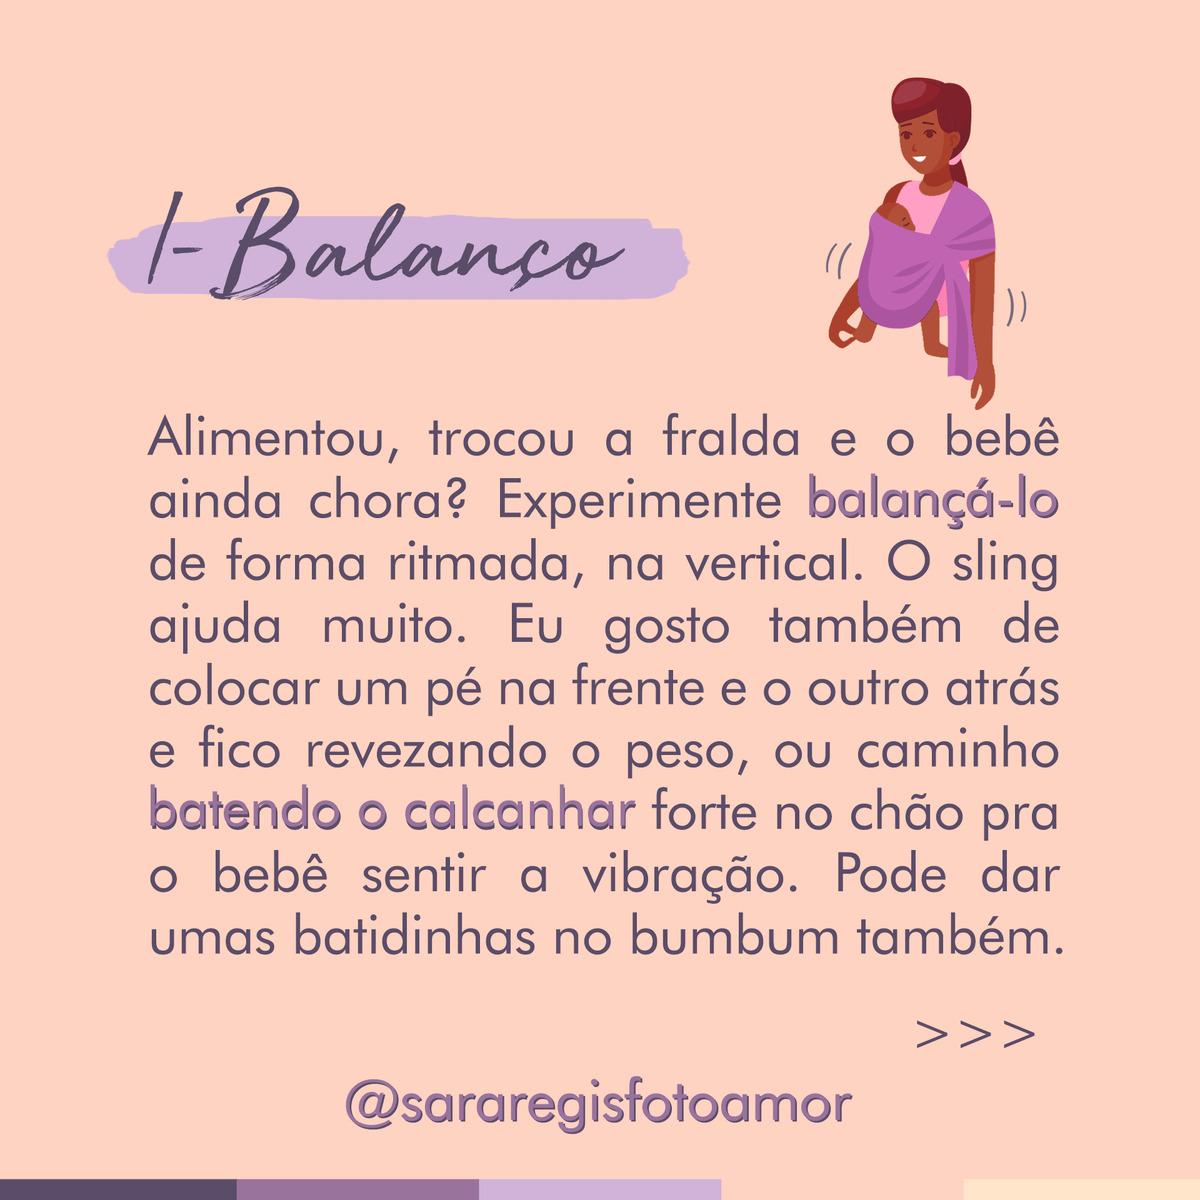 Dica 1: Balanço